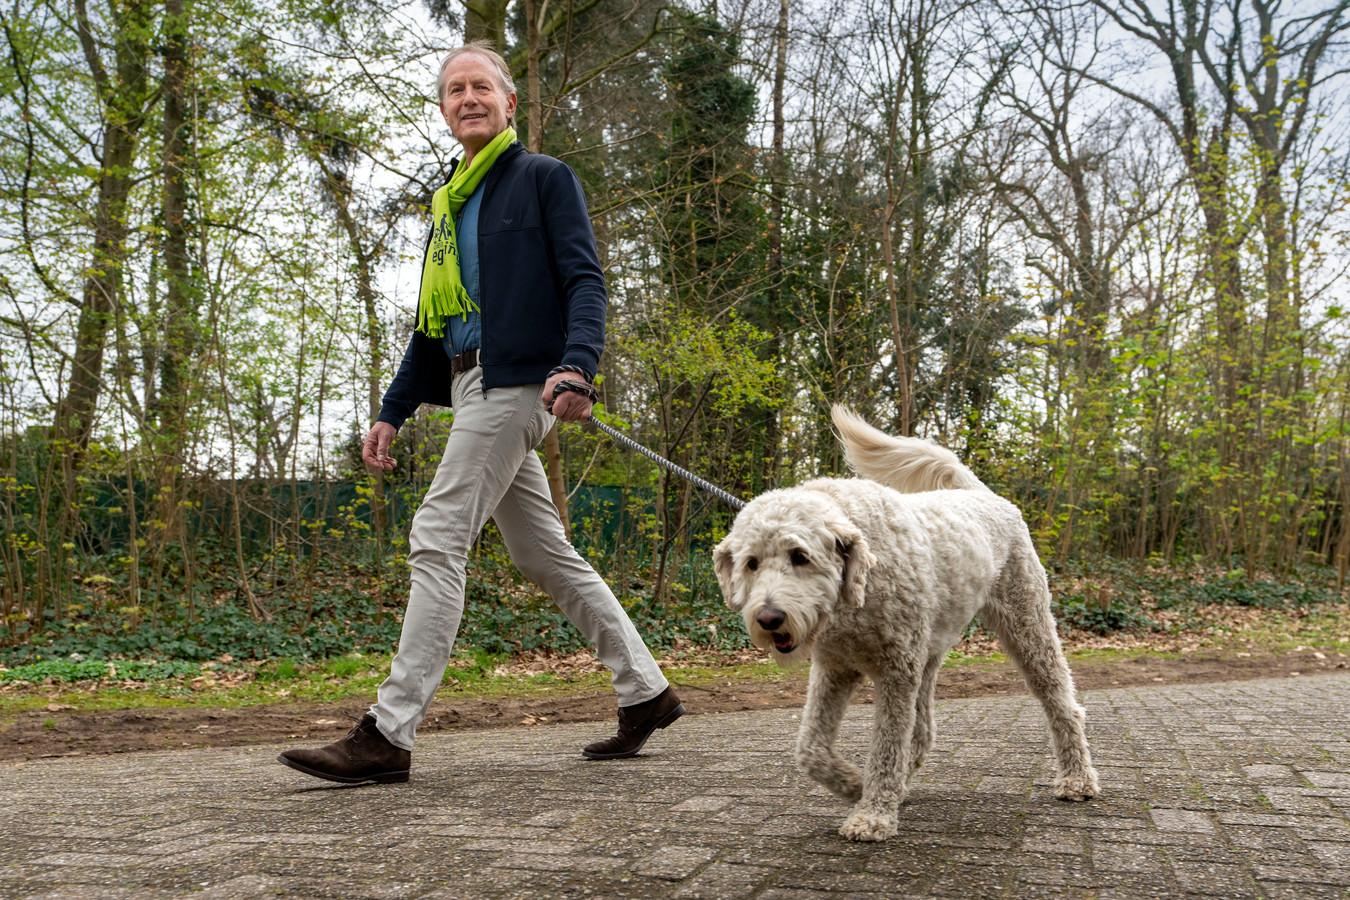 Leander Pennings, met hond Saartje, organiseert met vijf anderen de actie Rosmalen in Beweging waarbij geld wordt gedoneerd door te fietsen of te wandelen